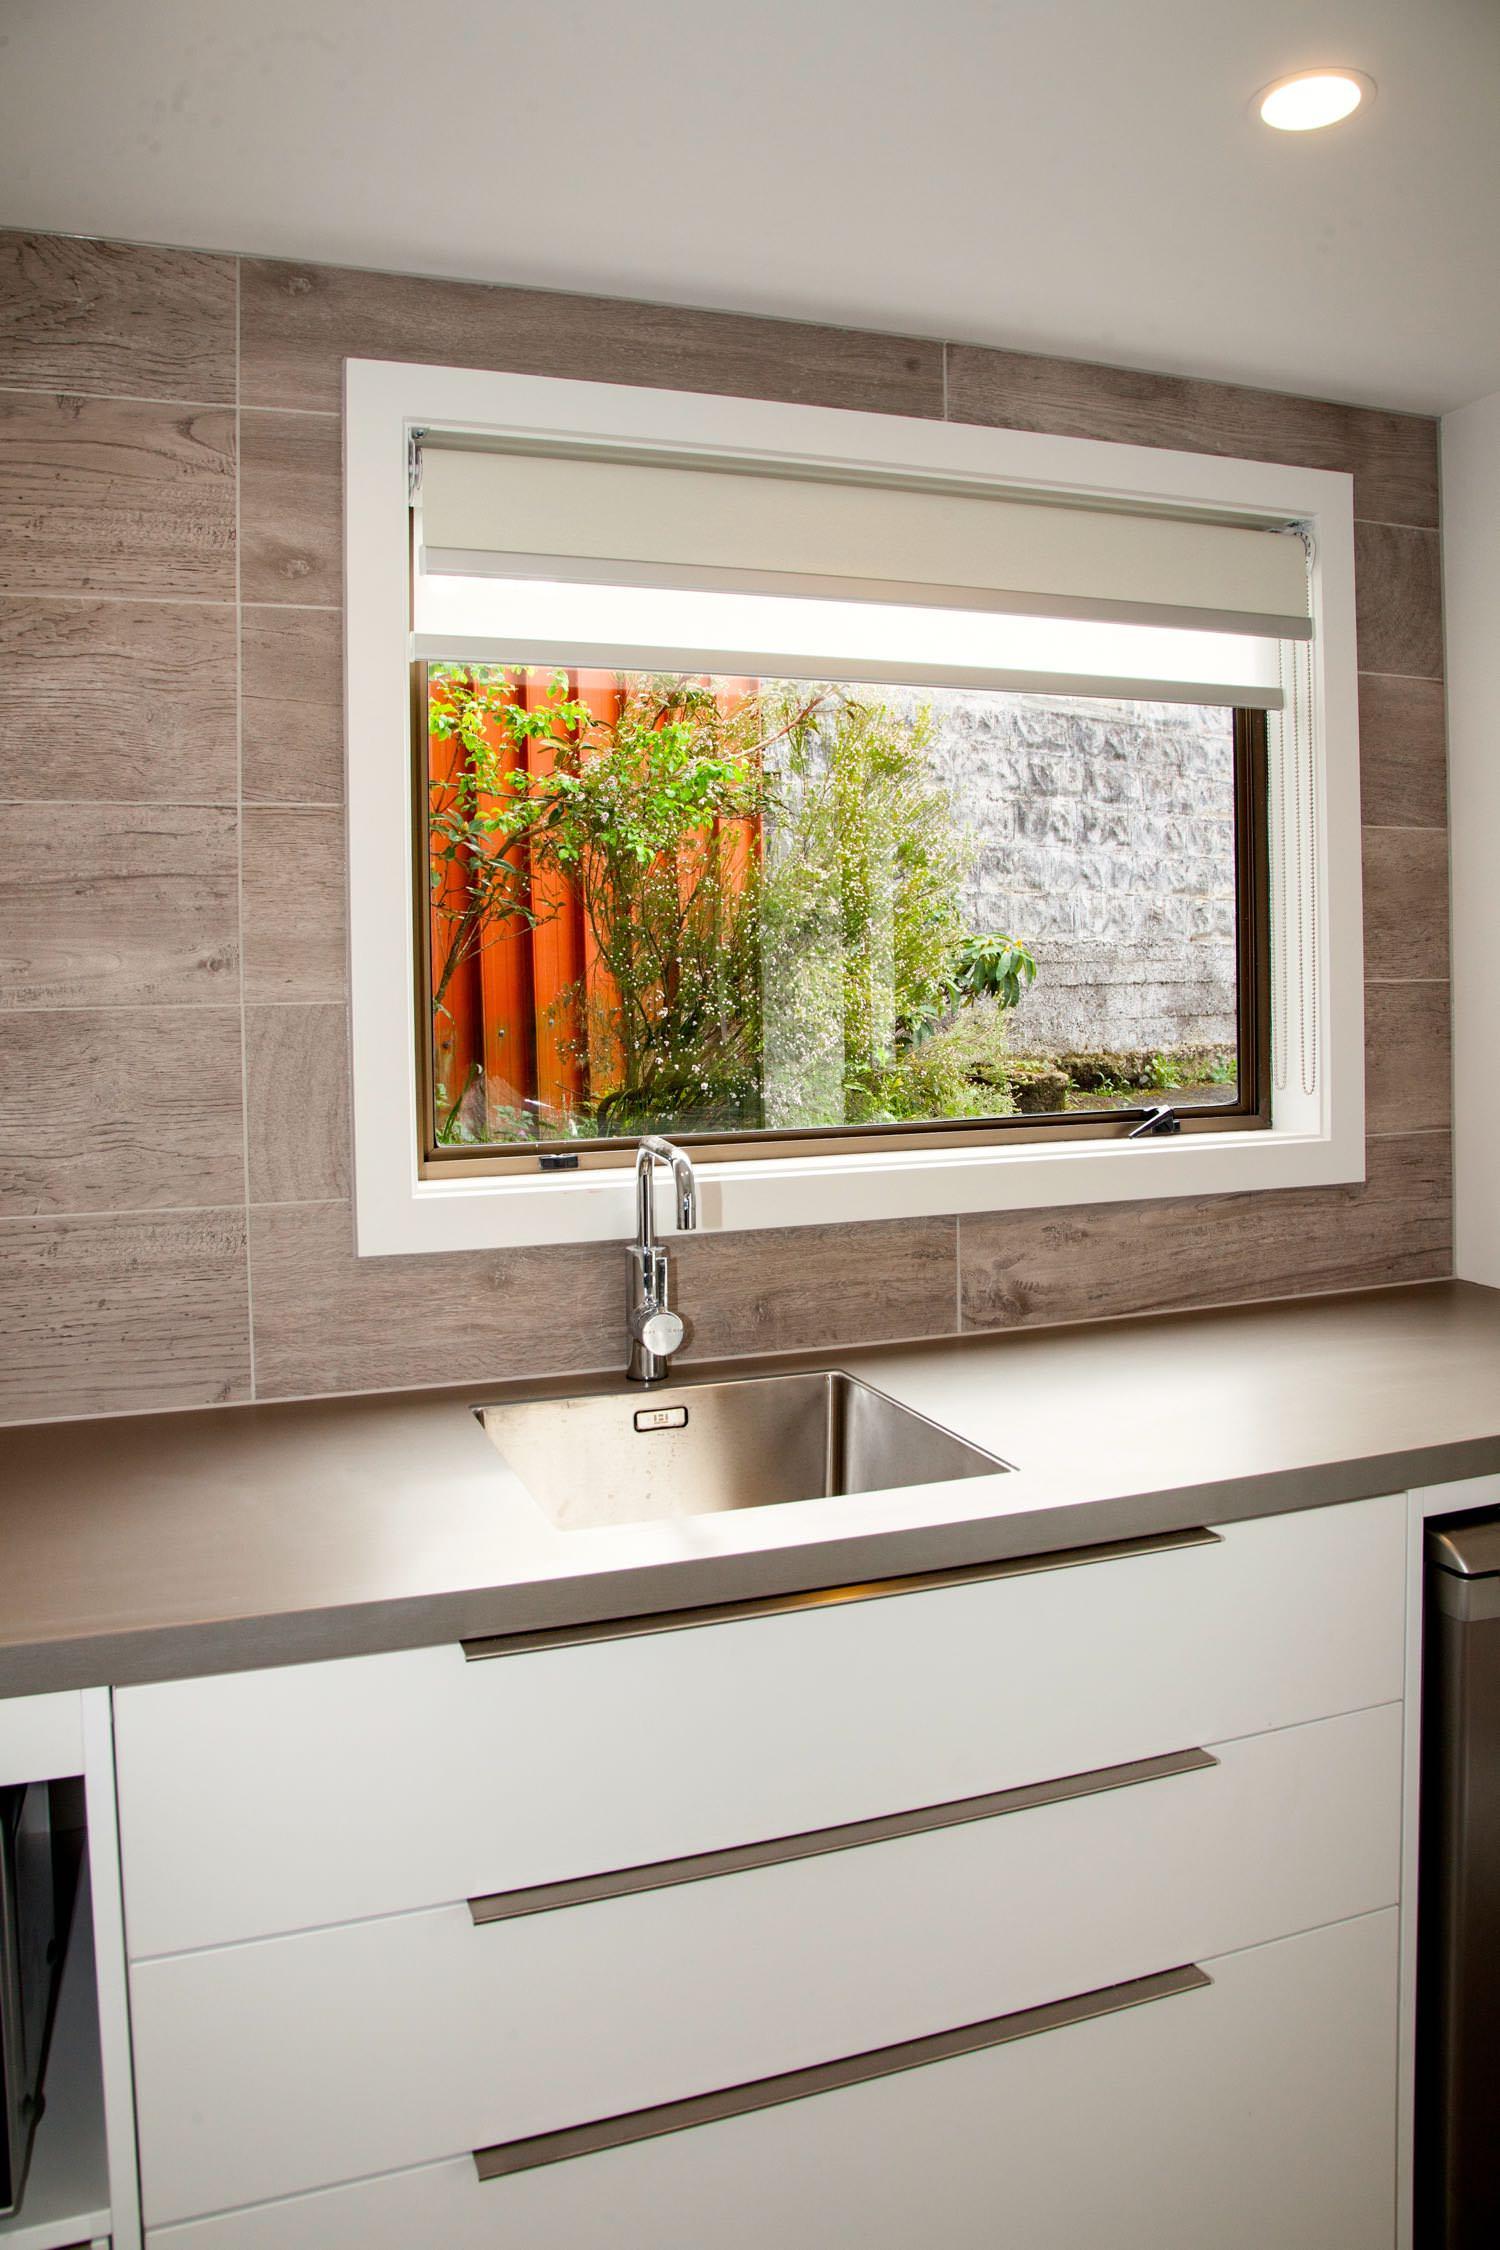 mezzanine - queen kitchen